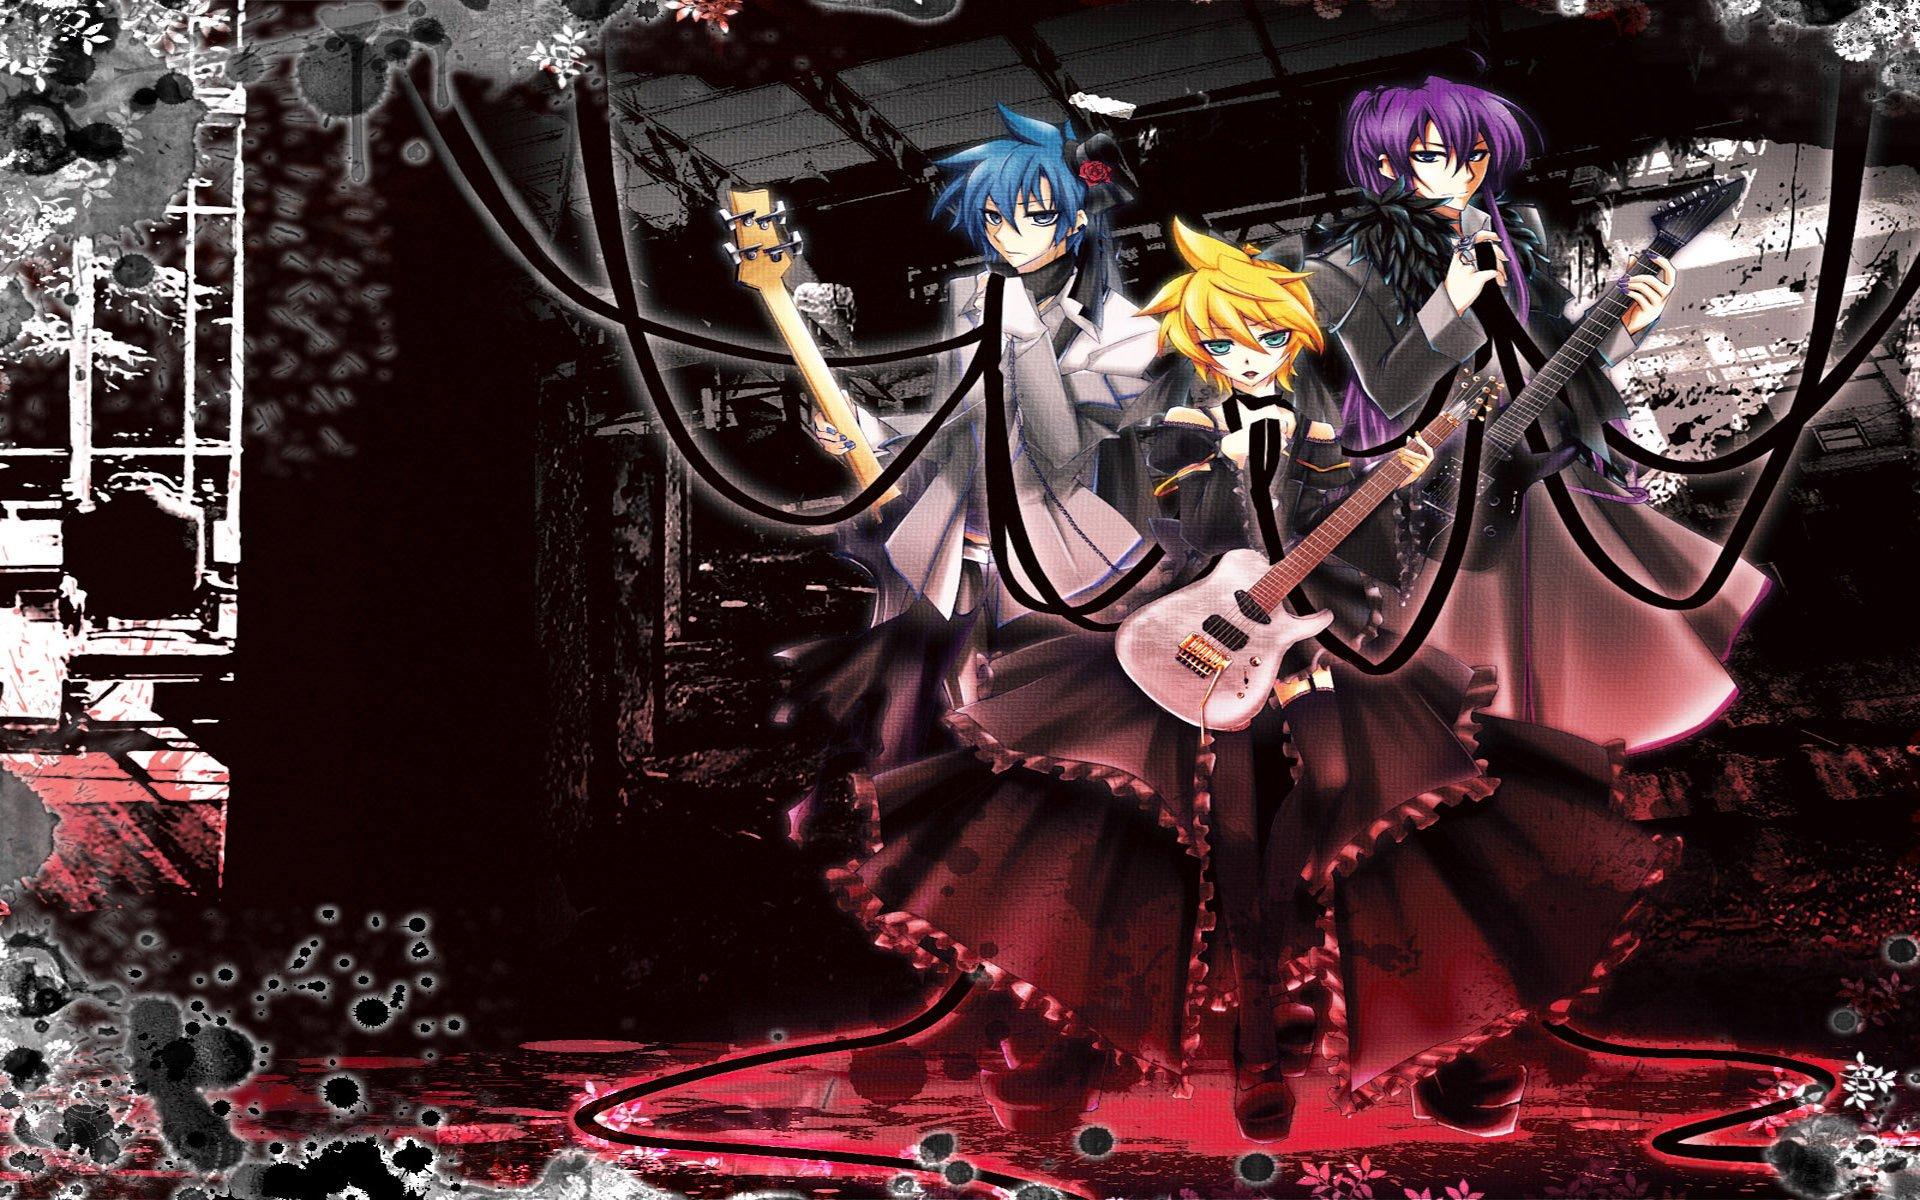 Hd Wallpaper Rock N Roll Anime 1227497 Hd Wallpaper